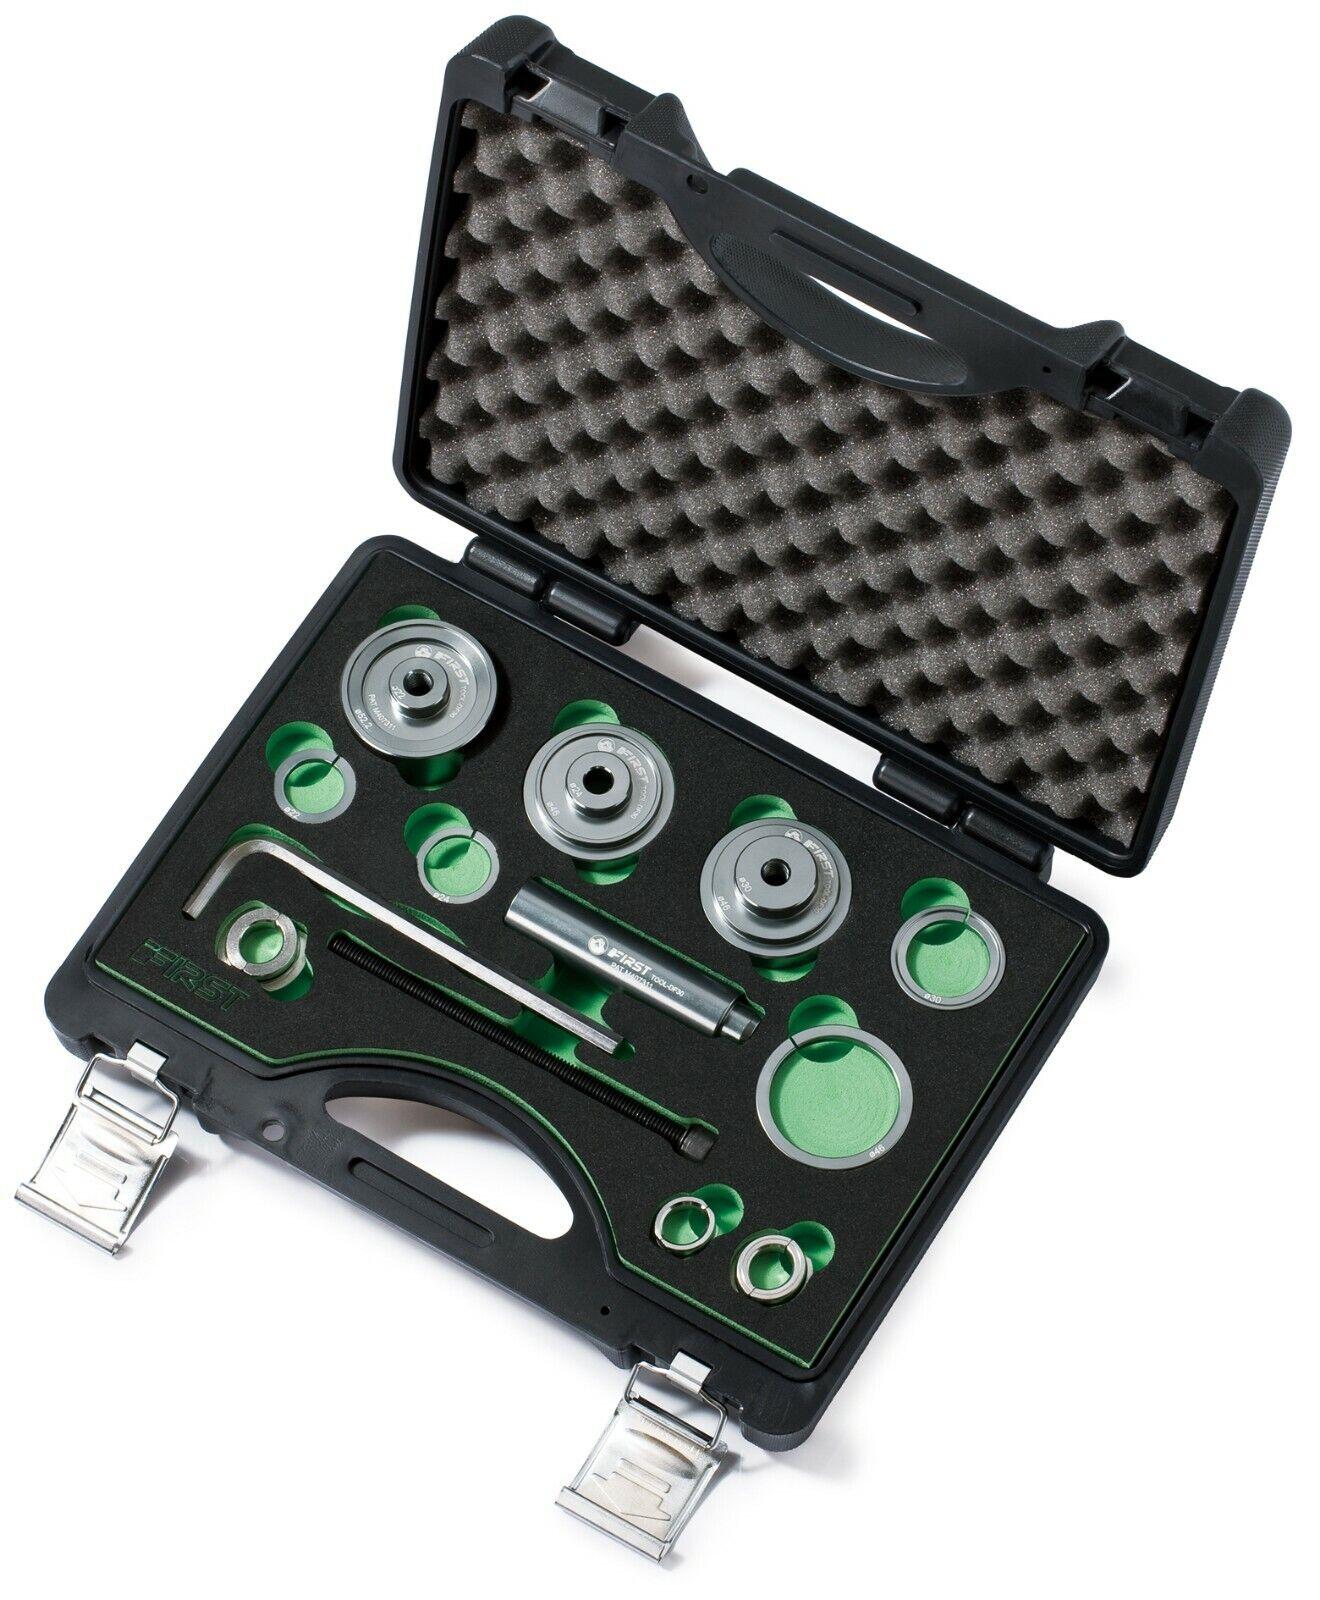 Nuovo Prima Meccanismo Centrale Kit Strumentazione Df30 per Install e Rimozione